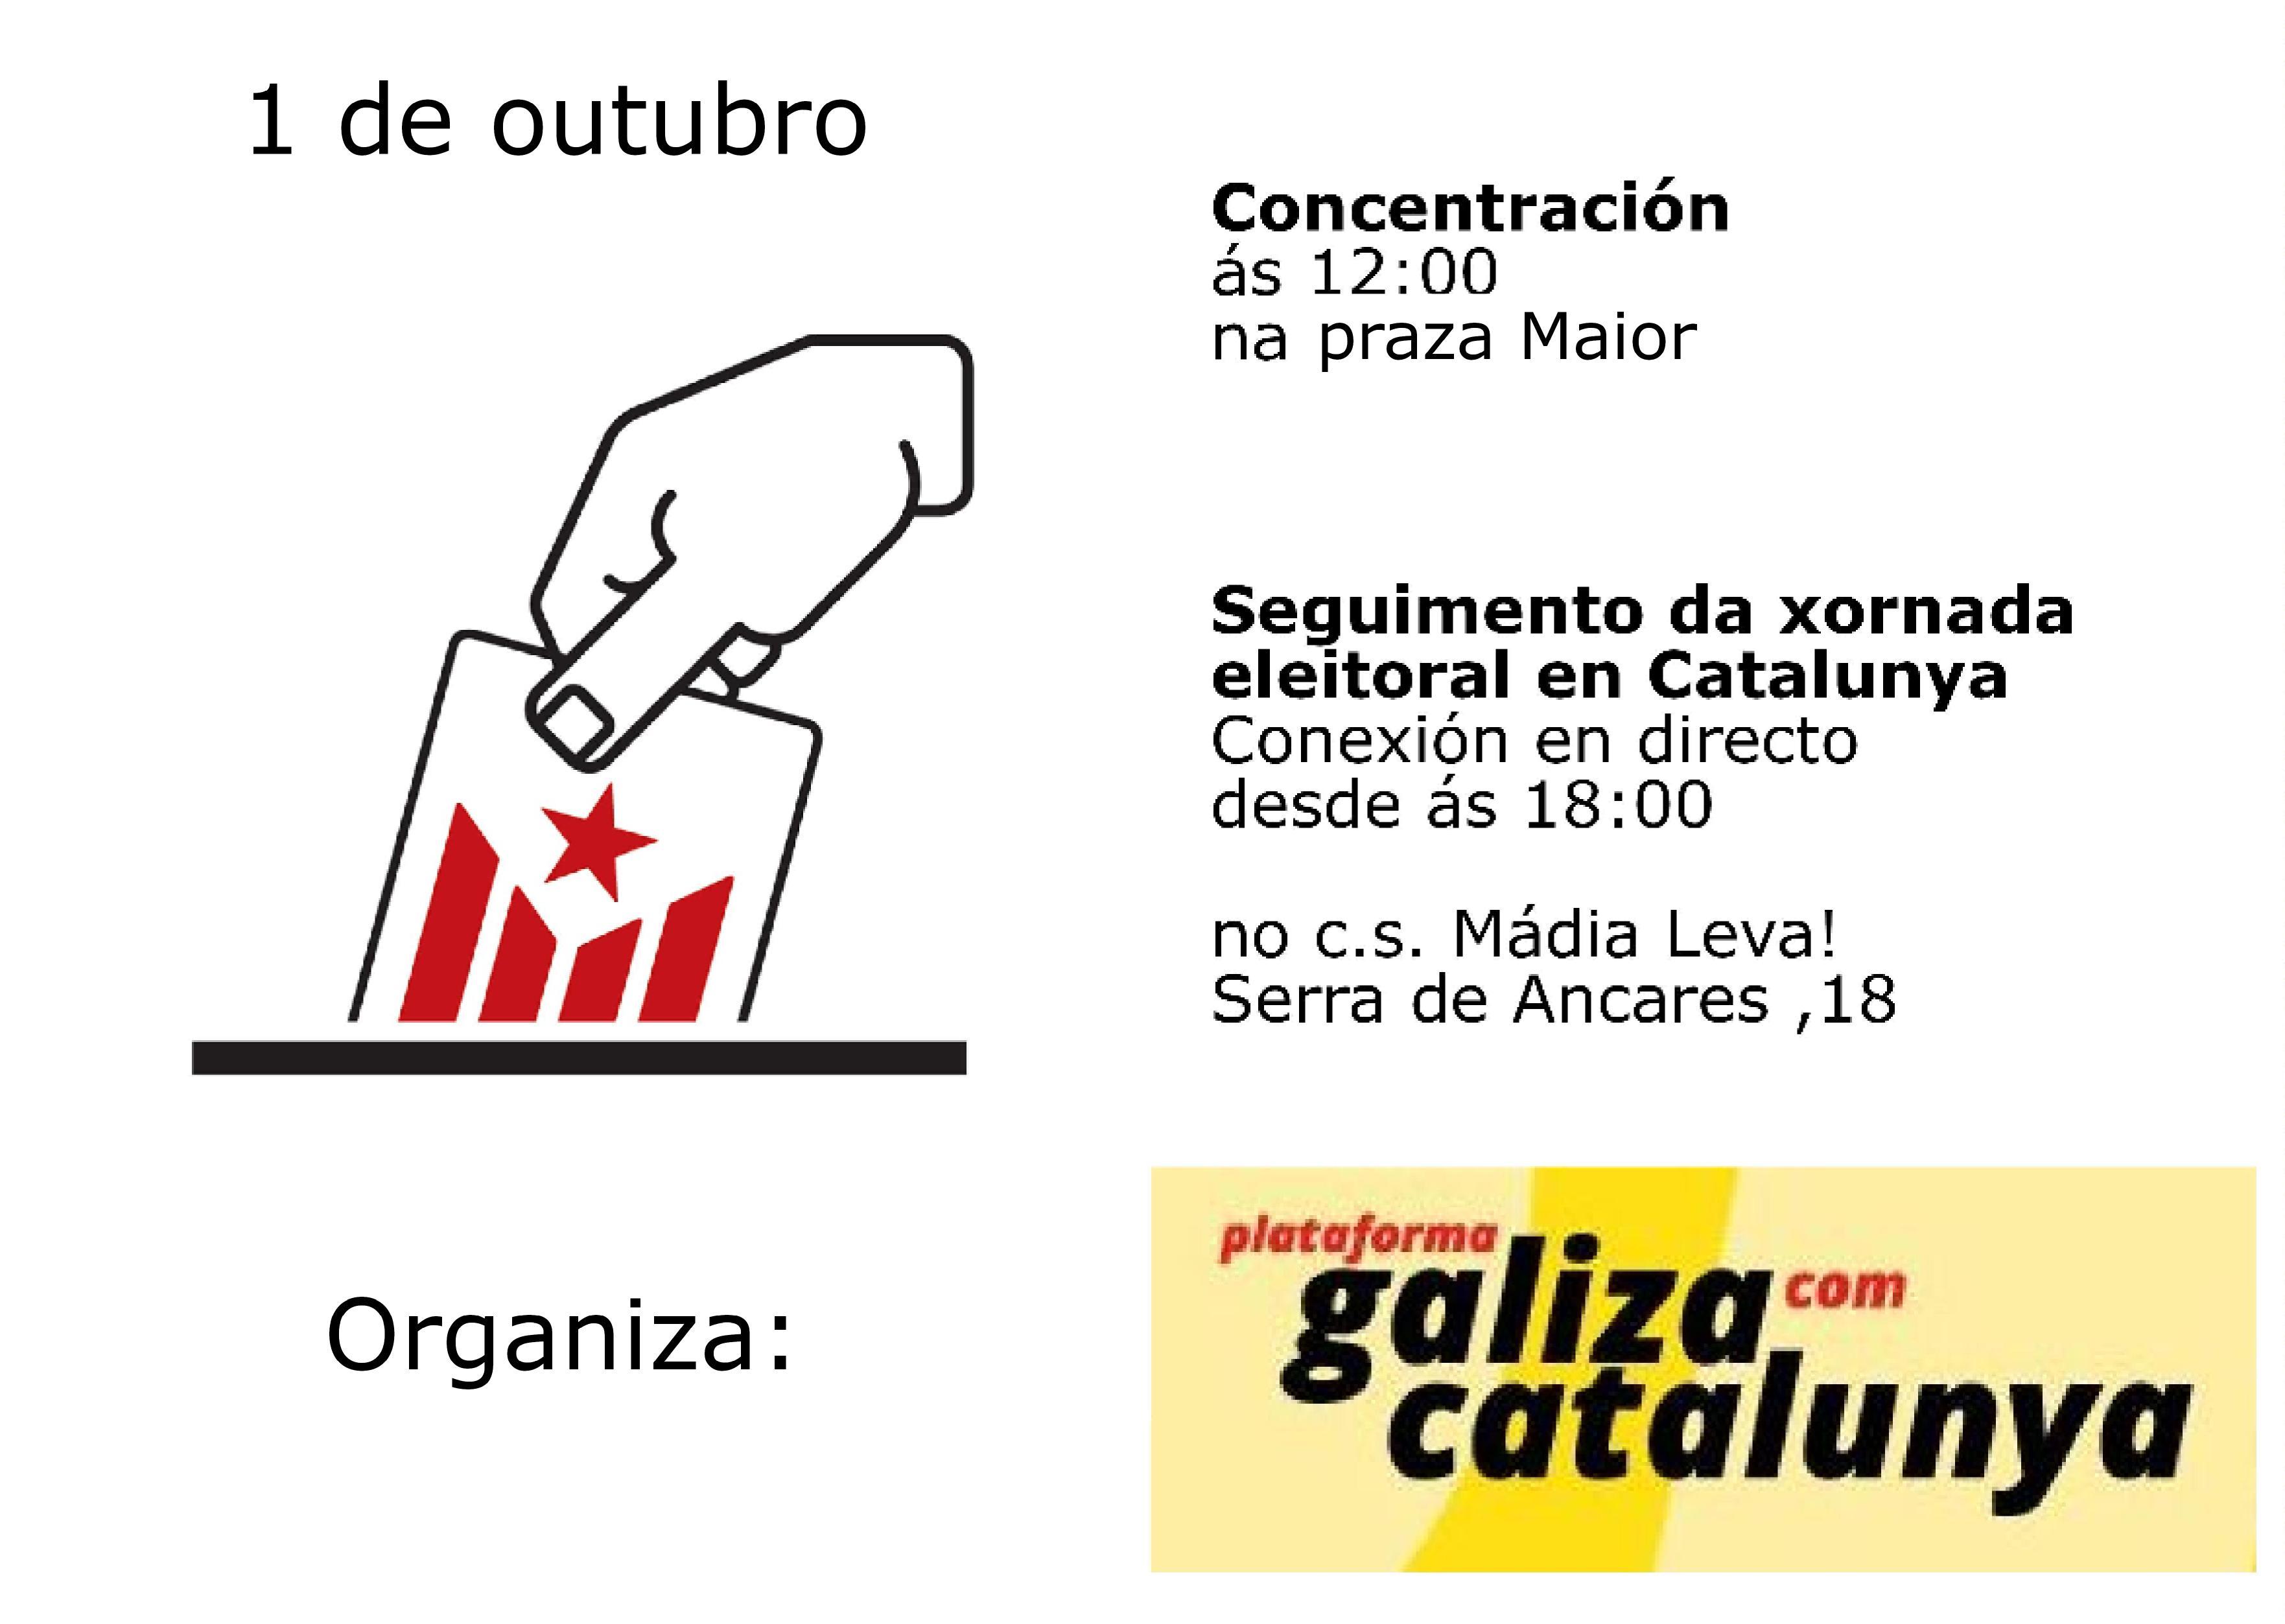 Lugo 1 De Outubro S 12h00 Concentraom Na Subdelegacine A Partir Das 18h00 Seguimento Da